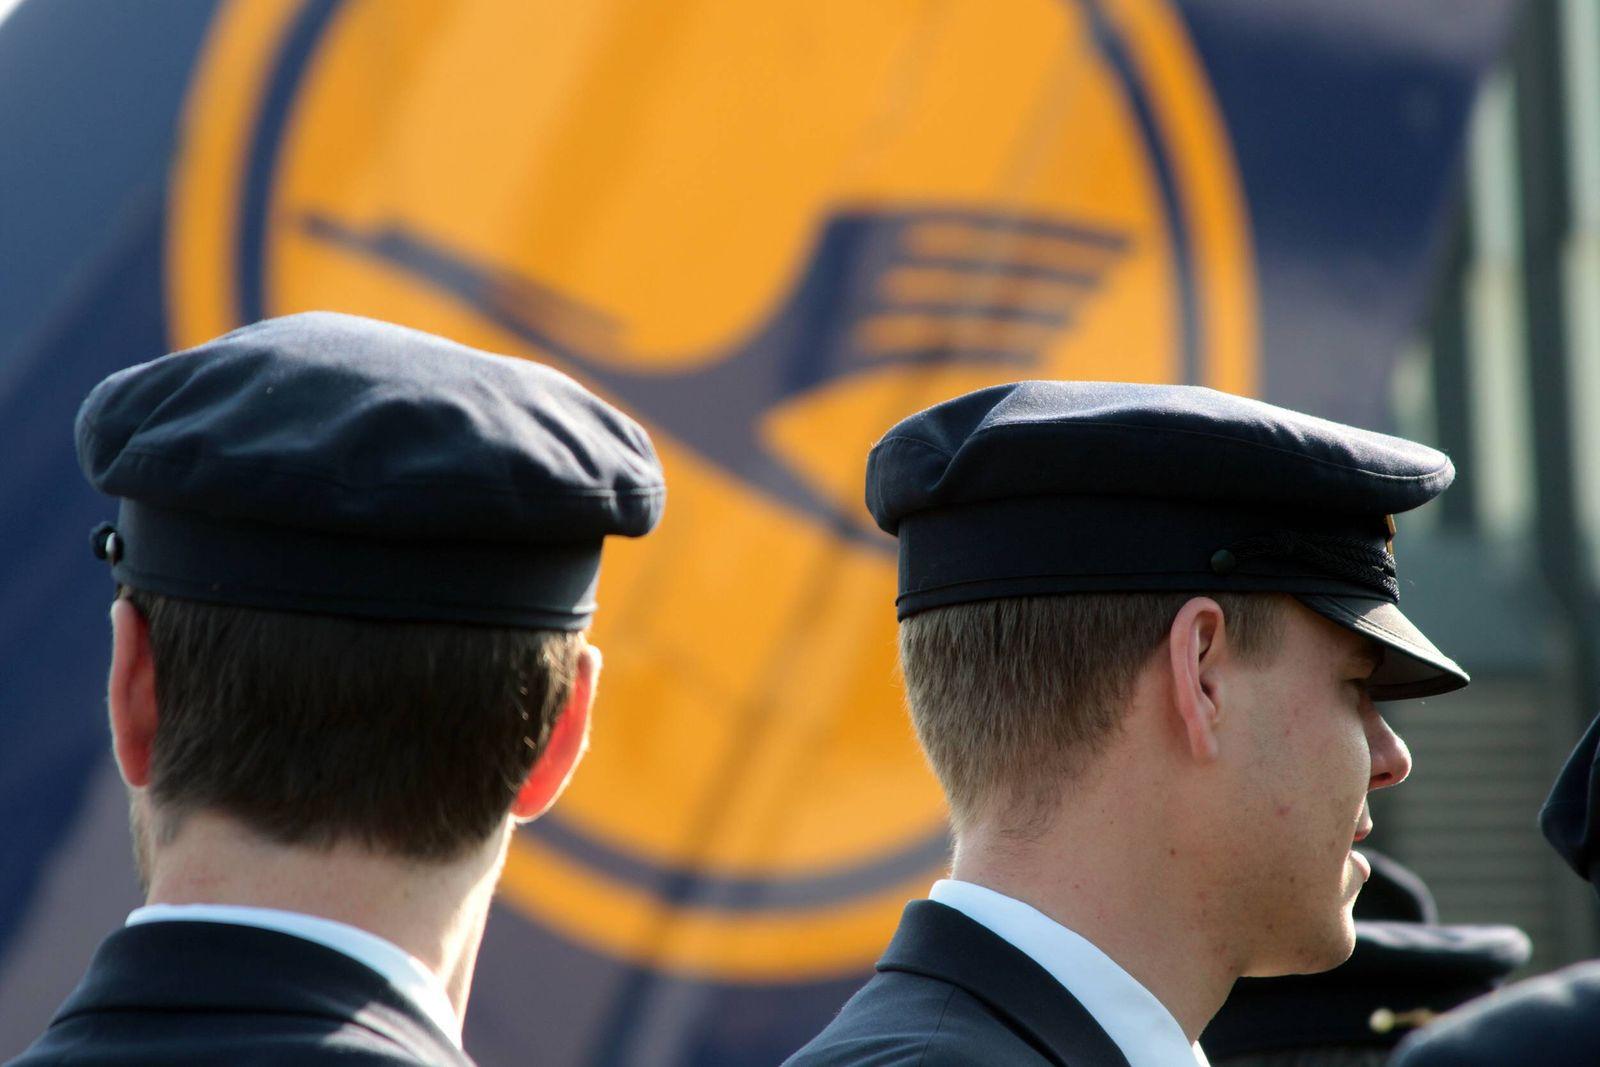 Streik der Lufthansa Piloten am Flughafen Frankfurt, Hessen, Deutschland: Protestmarsch der Piloten vor dem LH Emblem